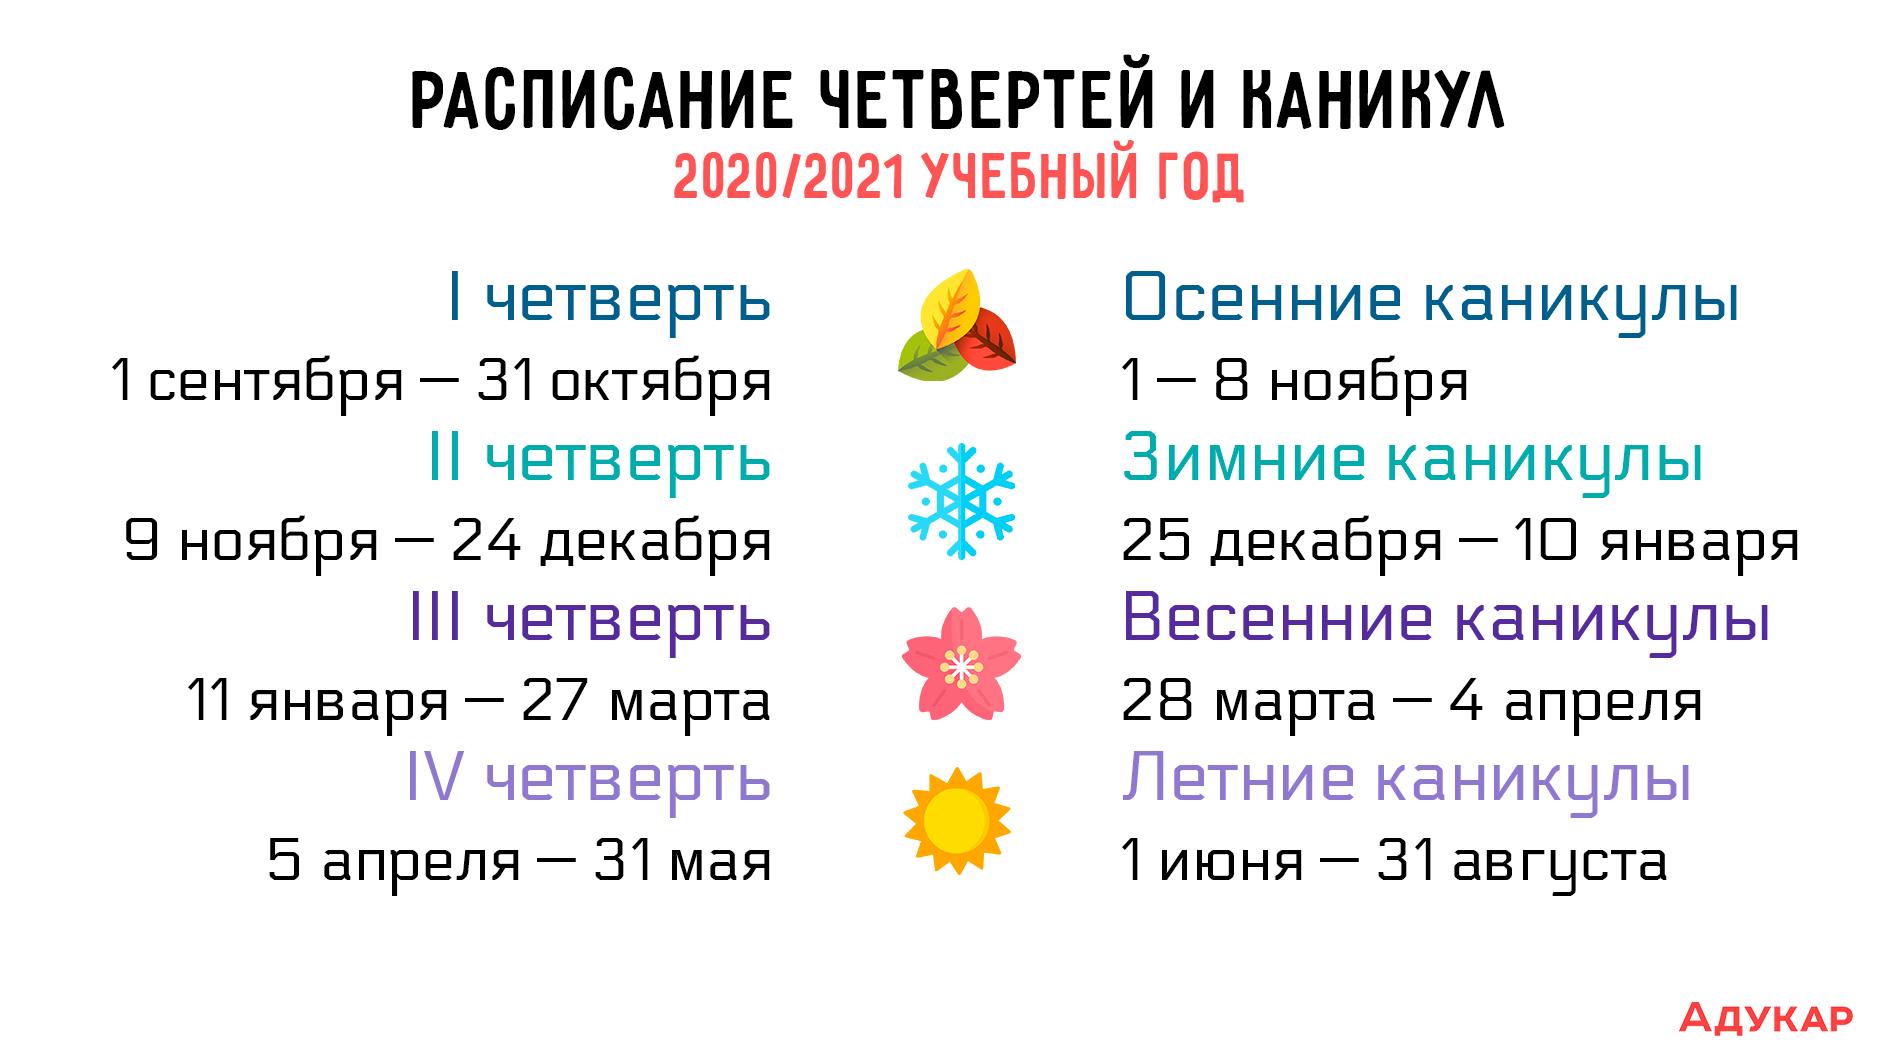 Школьные каникулы и расписание четвертей на 2020/2021 учебный год